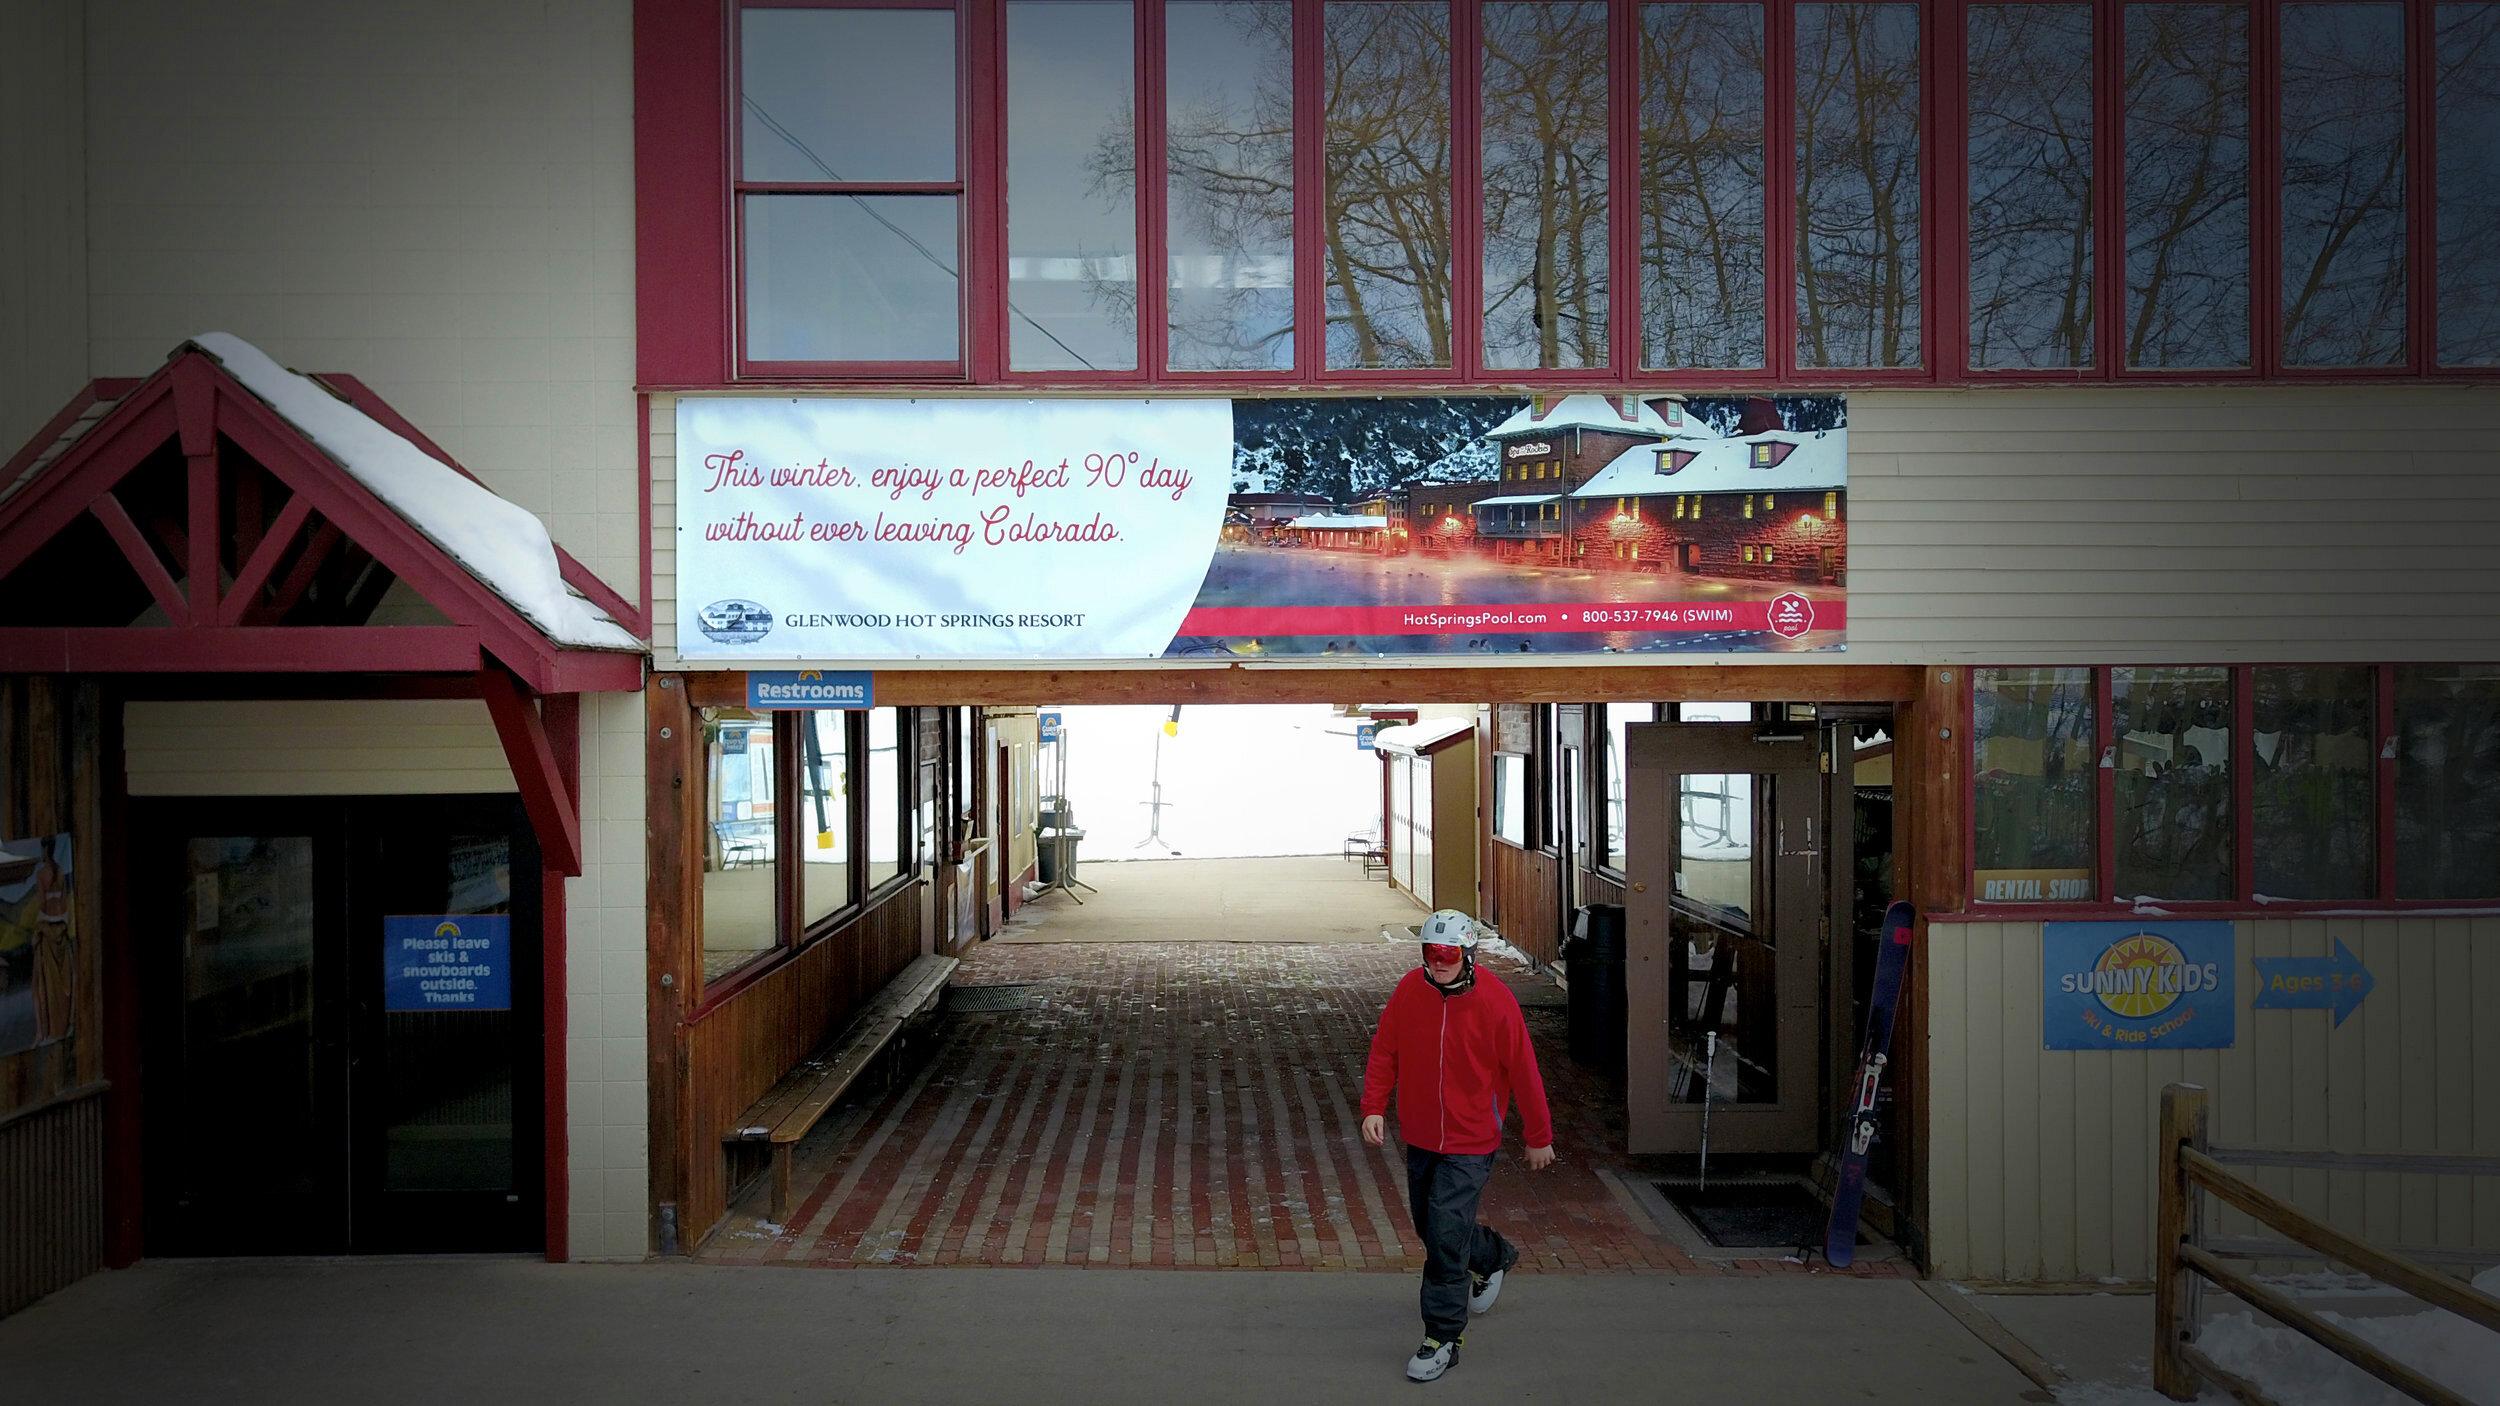 Banner at Sunlight Ski Resort